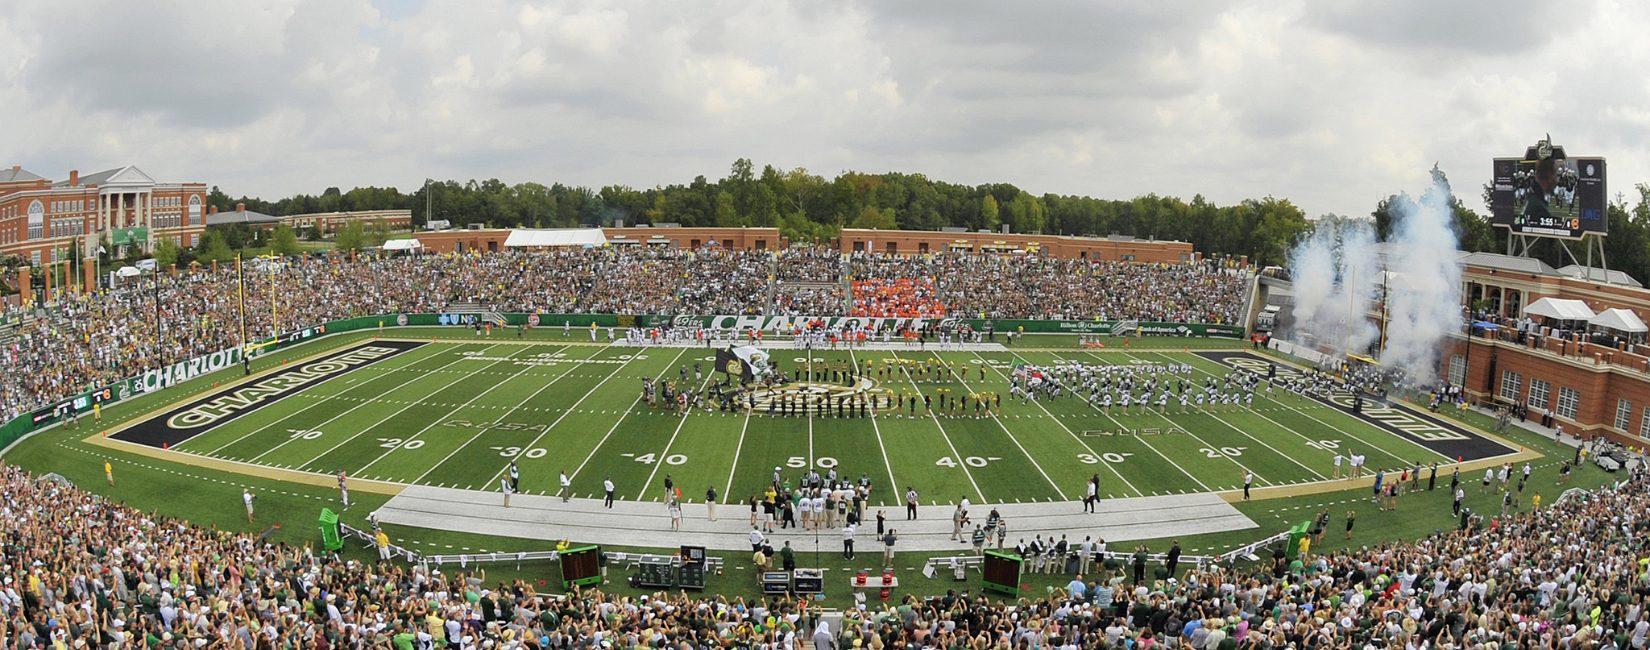 Football game at University of North Carolina Charlotte